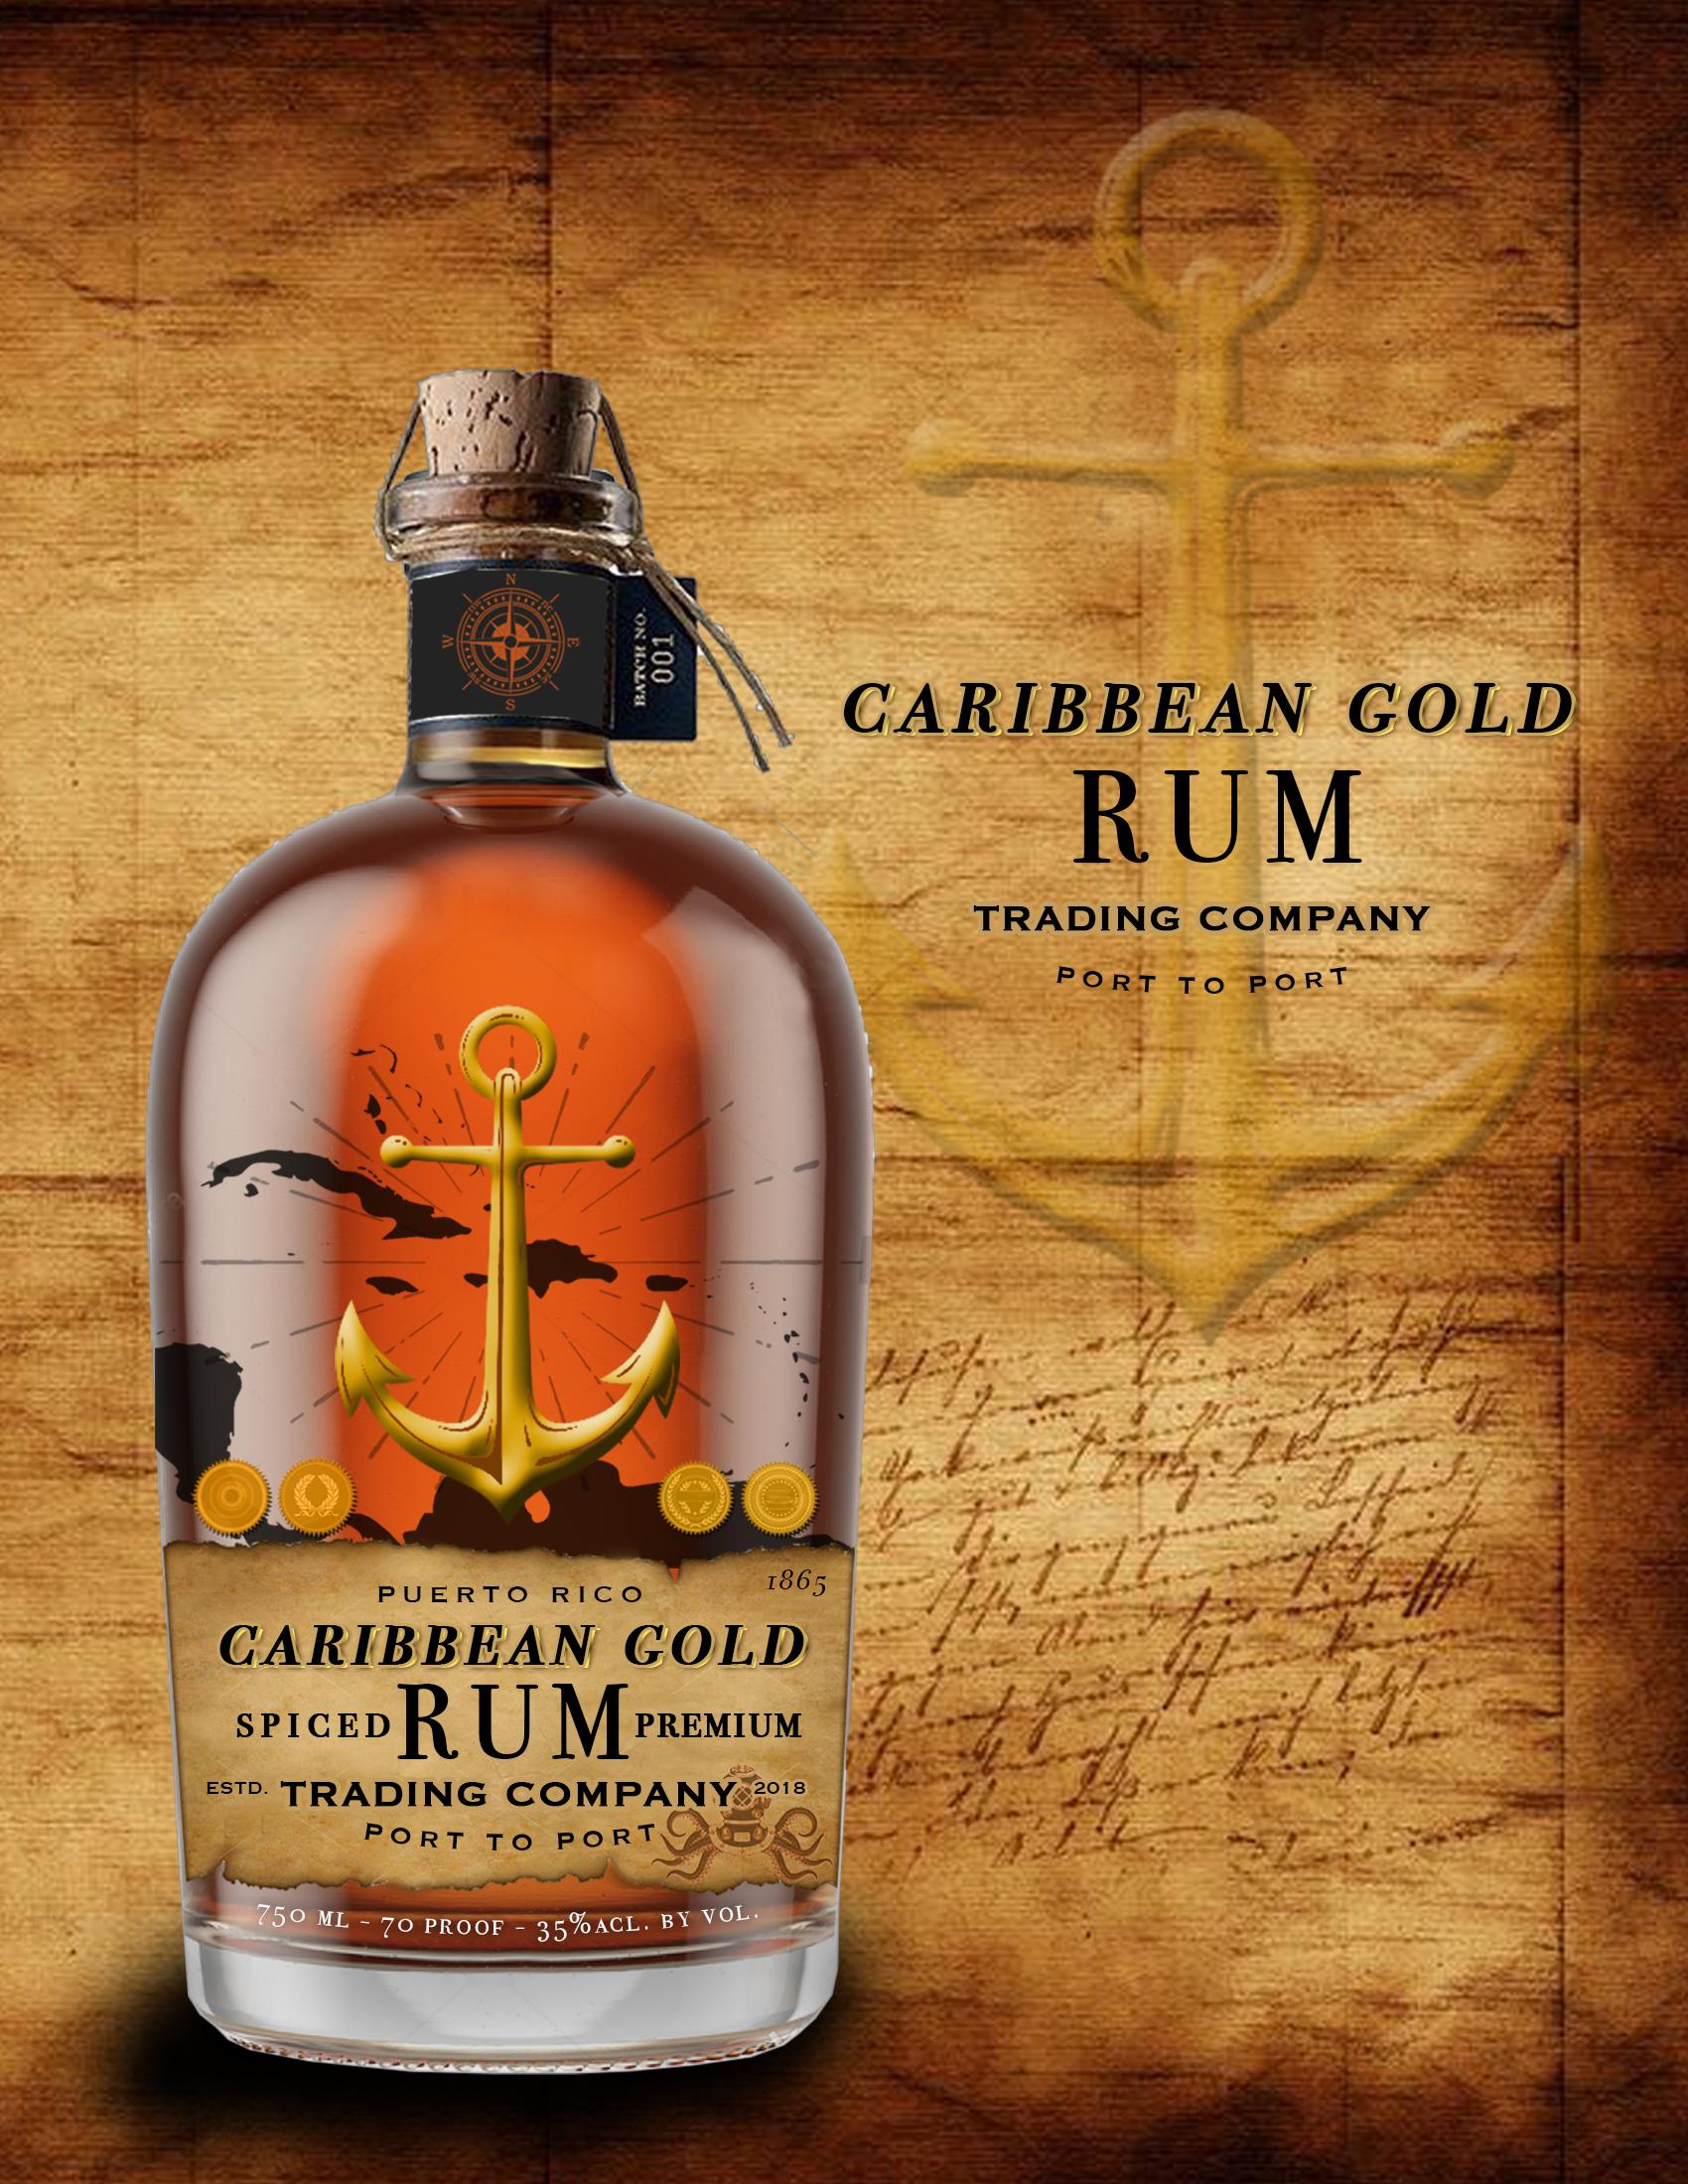 Caribbean Gold Rum